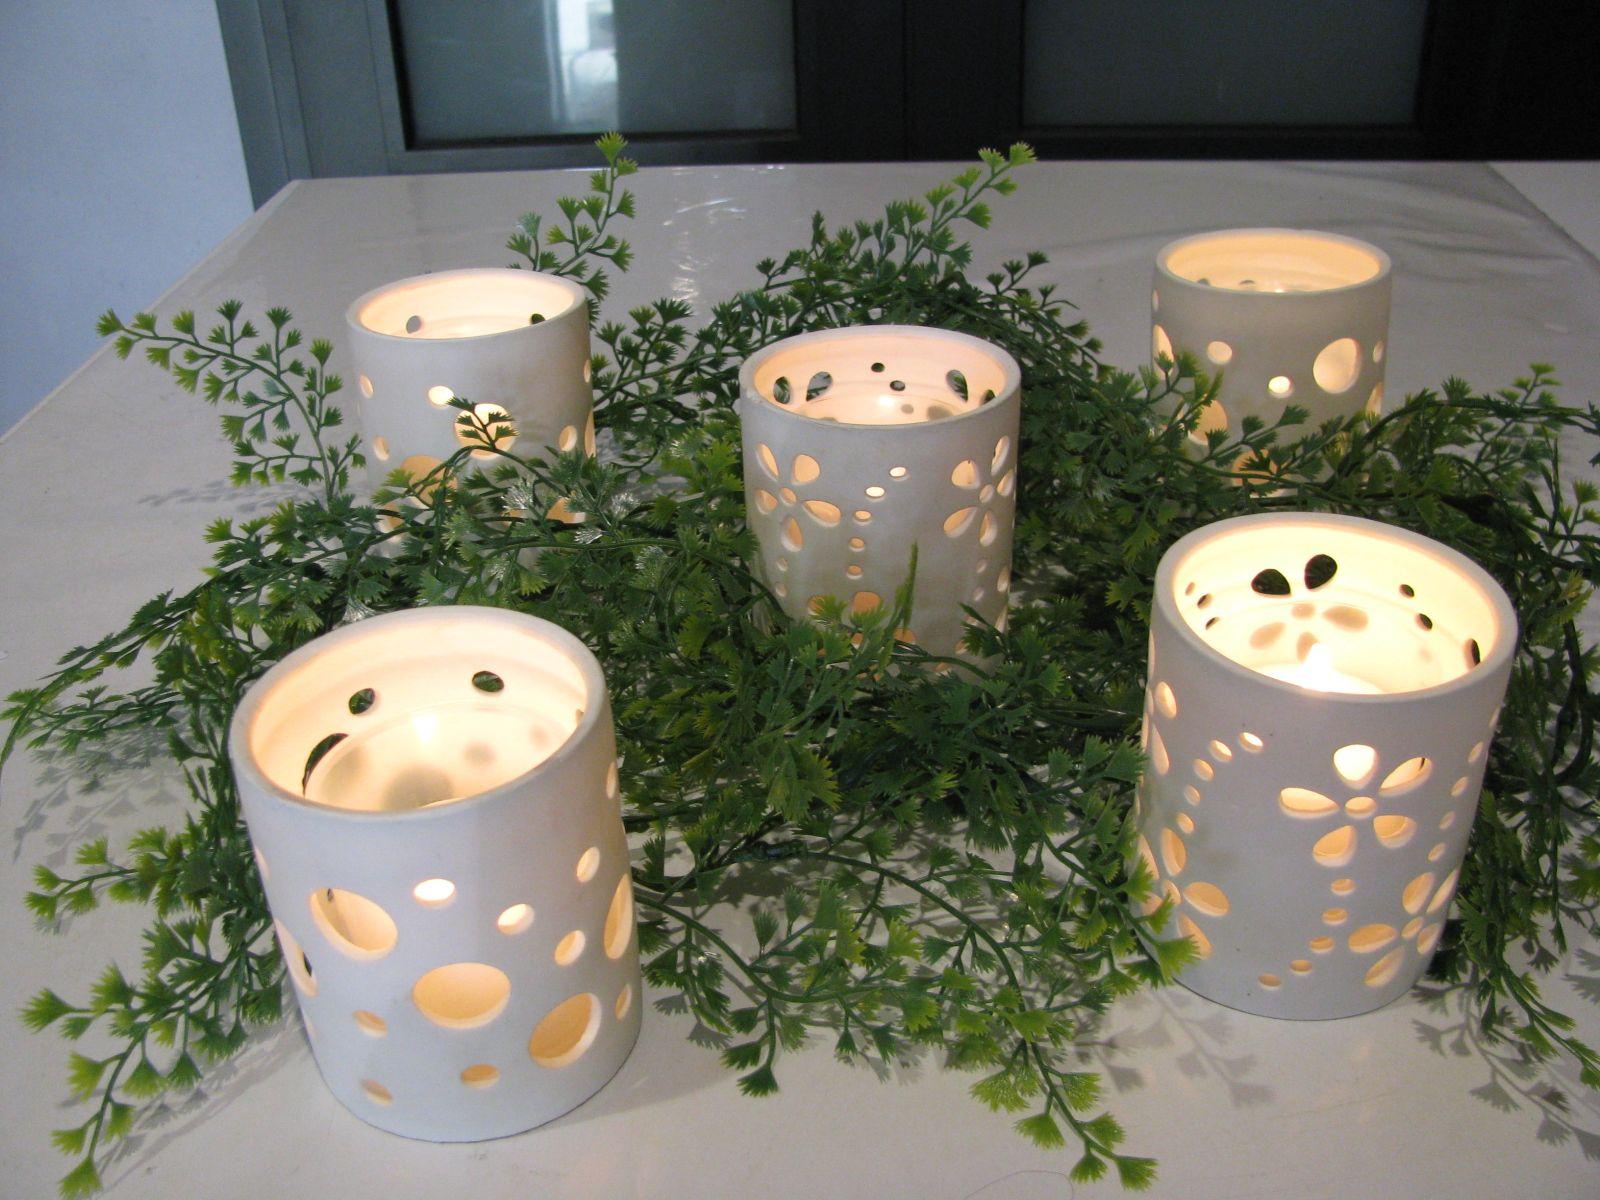 Farolillos de cer mica con una vela ideal para el jard n decoraci n con velas pinterest - Farolillos para velas ...